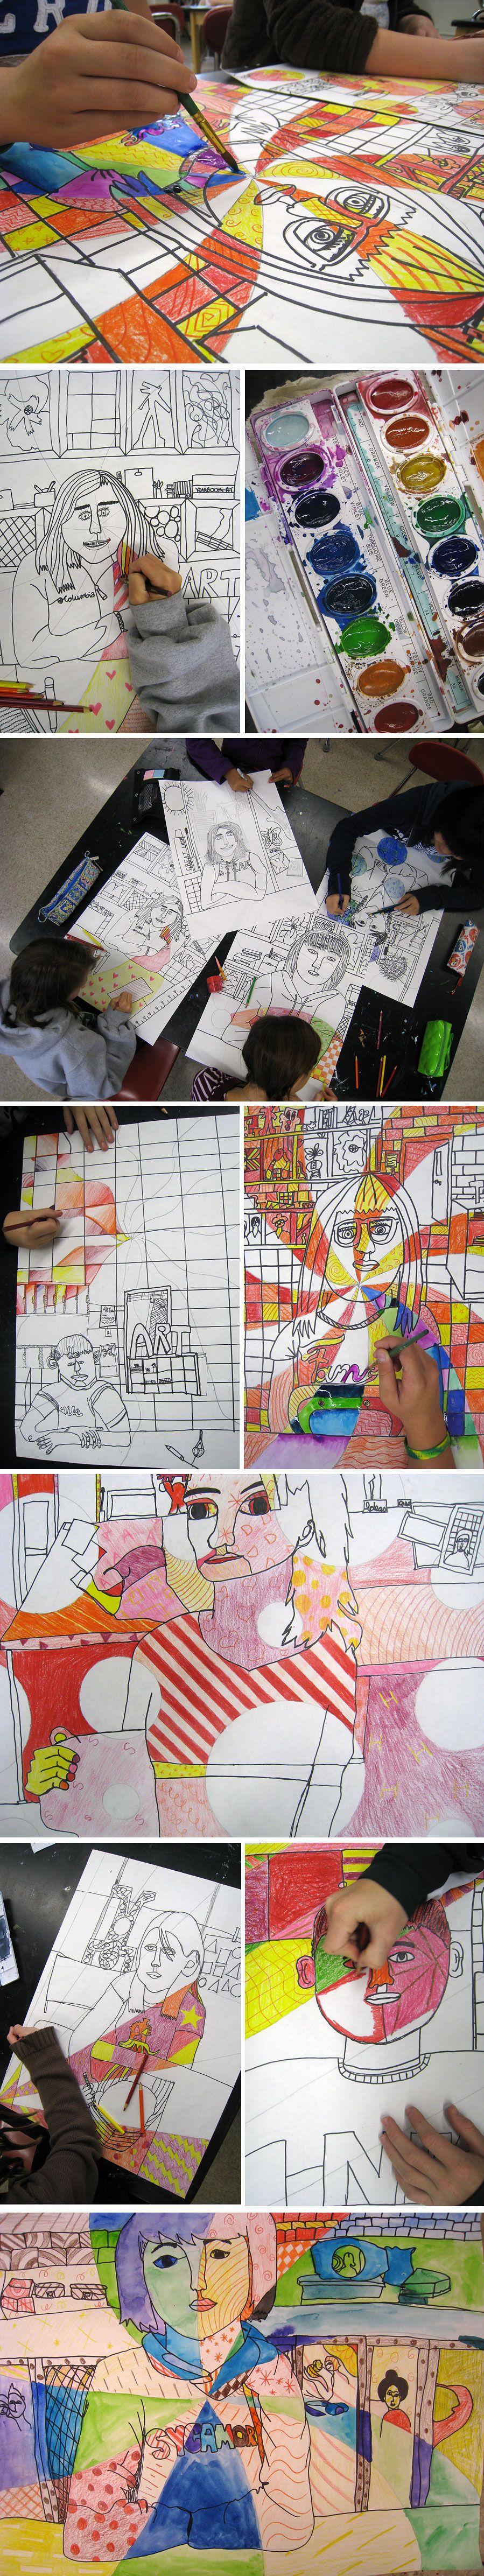 Piirtäen ja maalaten